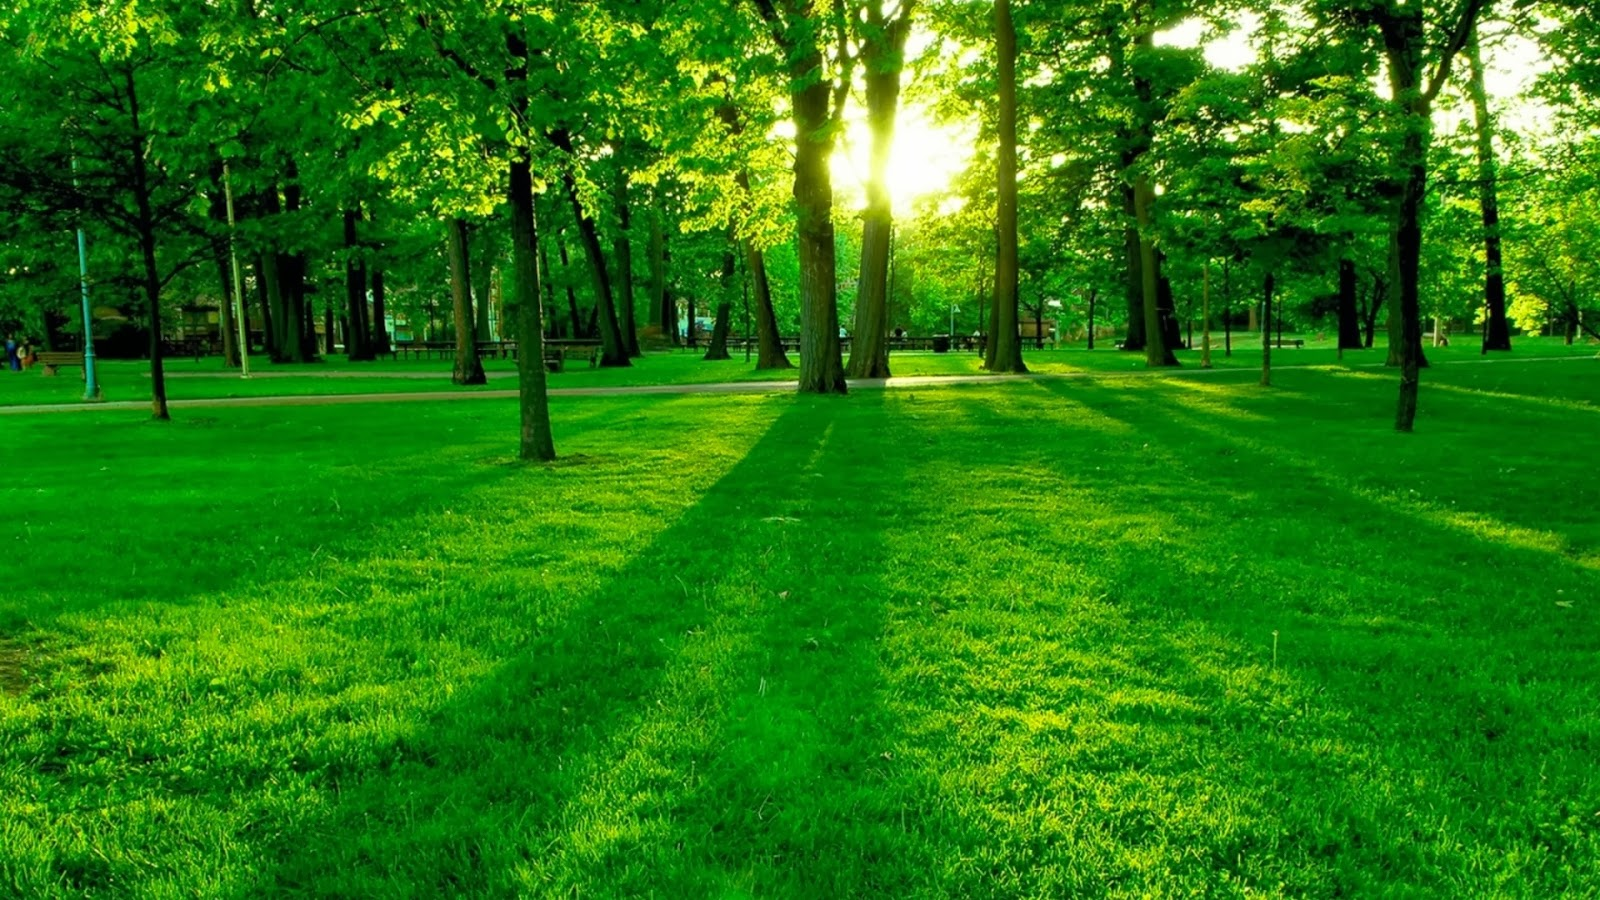 Một bức tranh thiên nhiên với quan cảnh toàn màu xanh thật đẹp